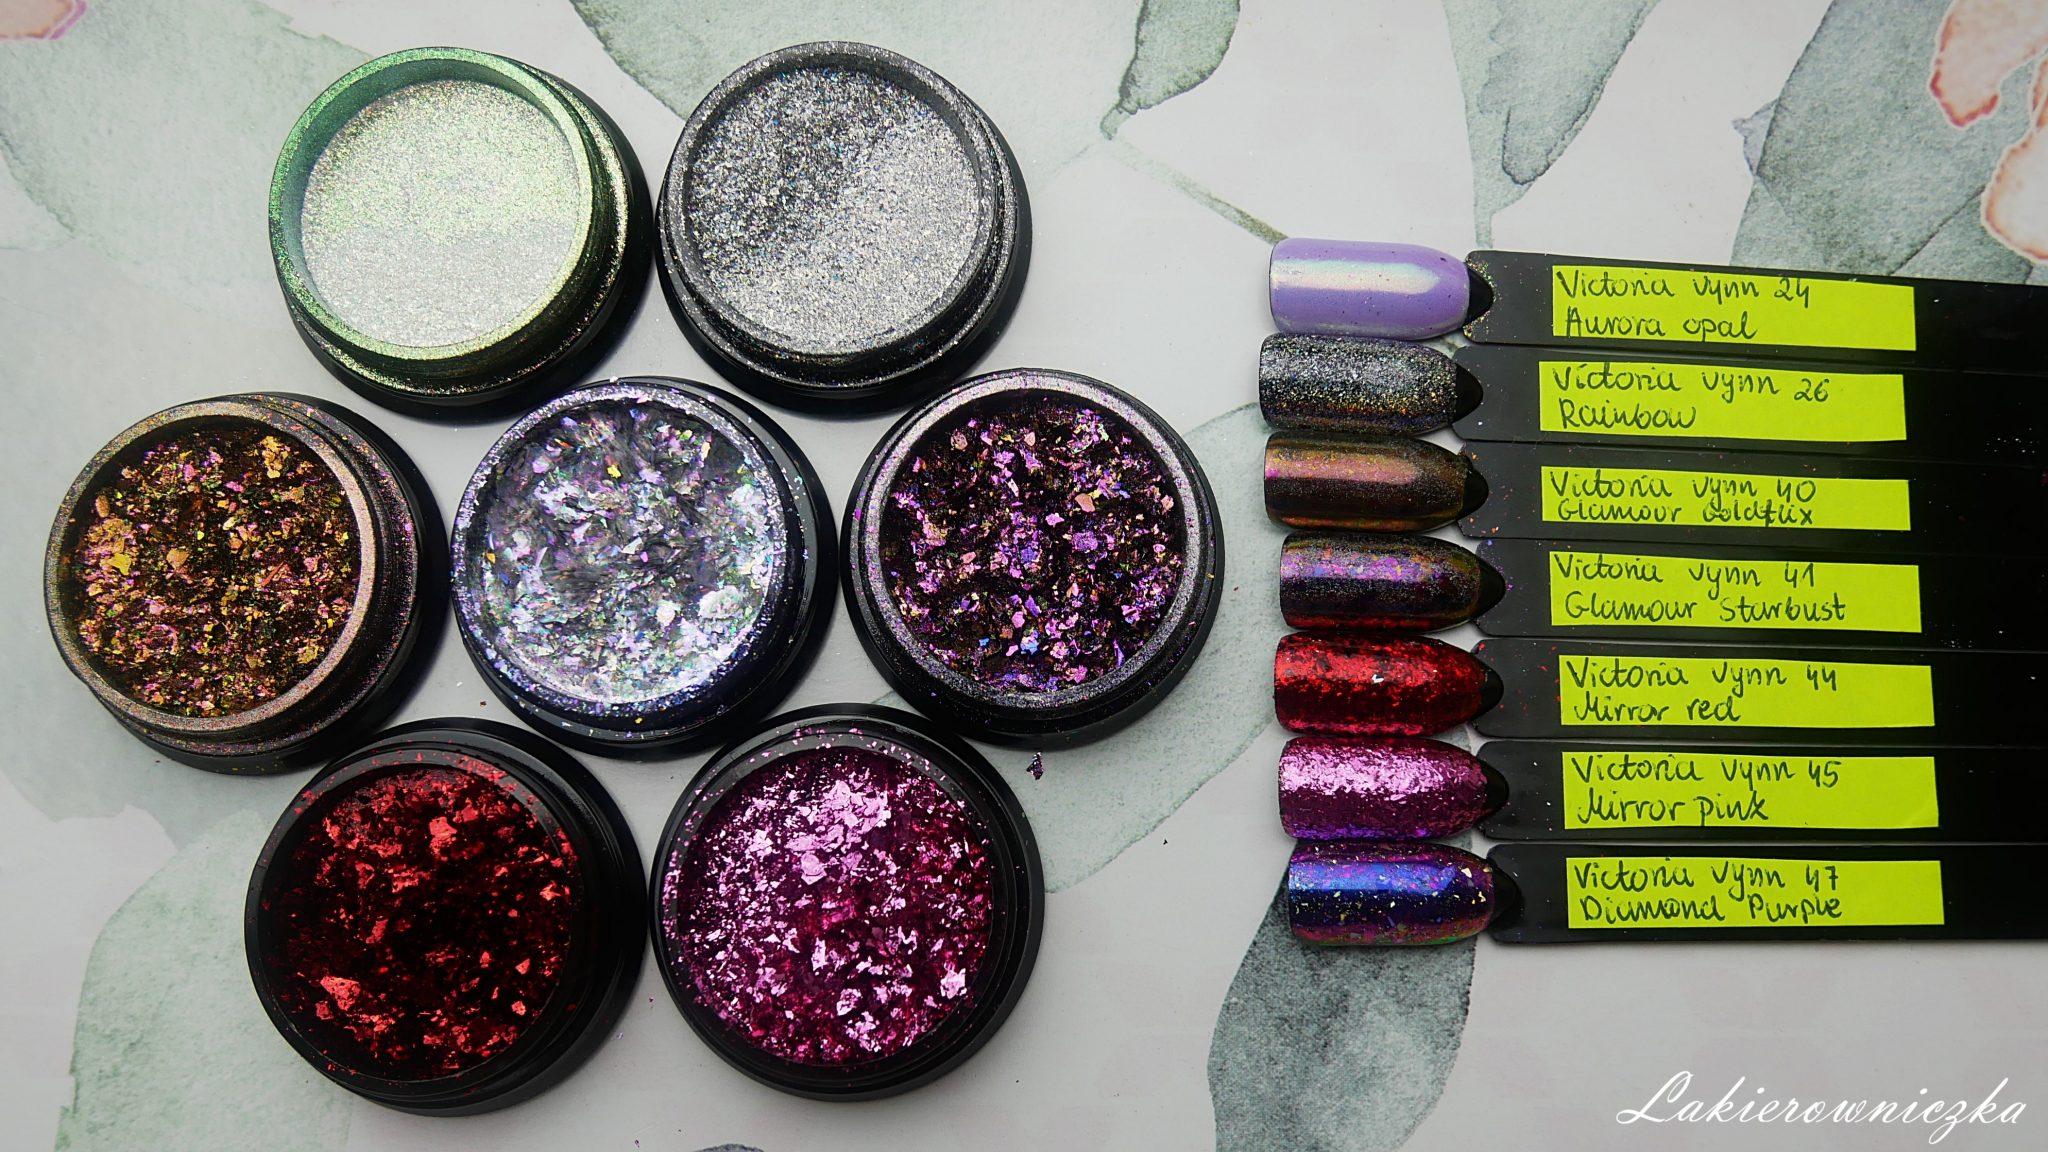 najpiekniejszy-pylek-do-paznokci-victoria-vynn-77-diamond-purple-45-mirror-pink-44-red-41-glamour-starbust-40-goldflix-26-rainbow-24-aurora-opal-Lakierowniczka-najpiękniejszy pyłek do paznokci